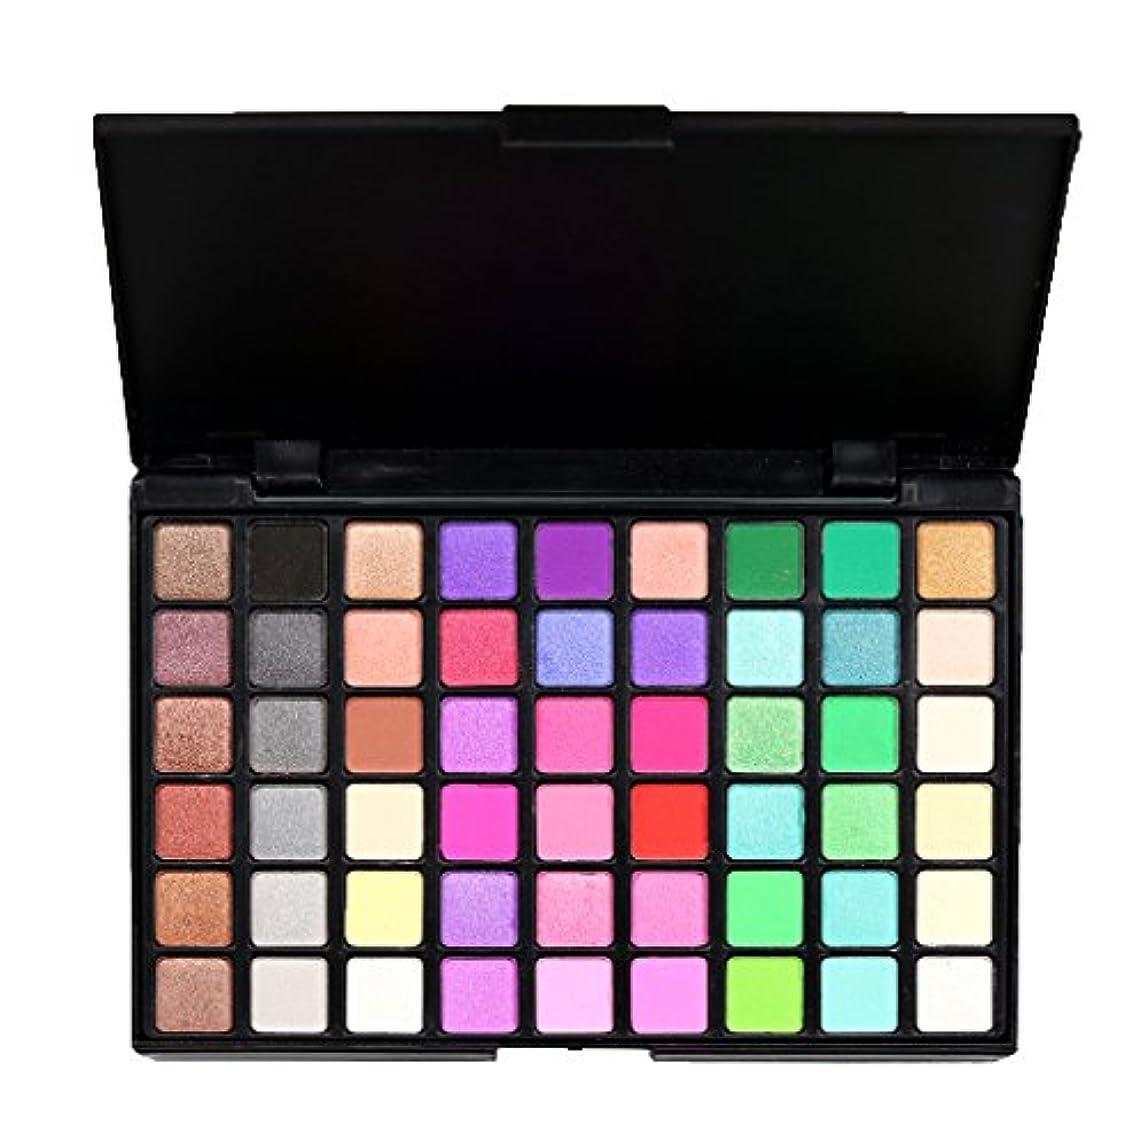 責める軽量宿題をするPerfk 54色 化粧品 パウダー アイシャドウ パレット マット シマー 魅力的 全2種類 - #2